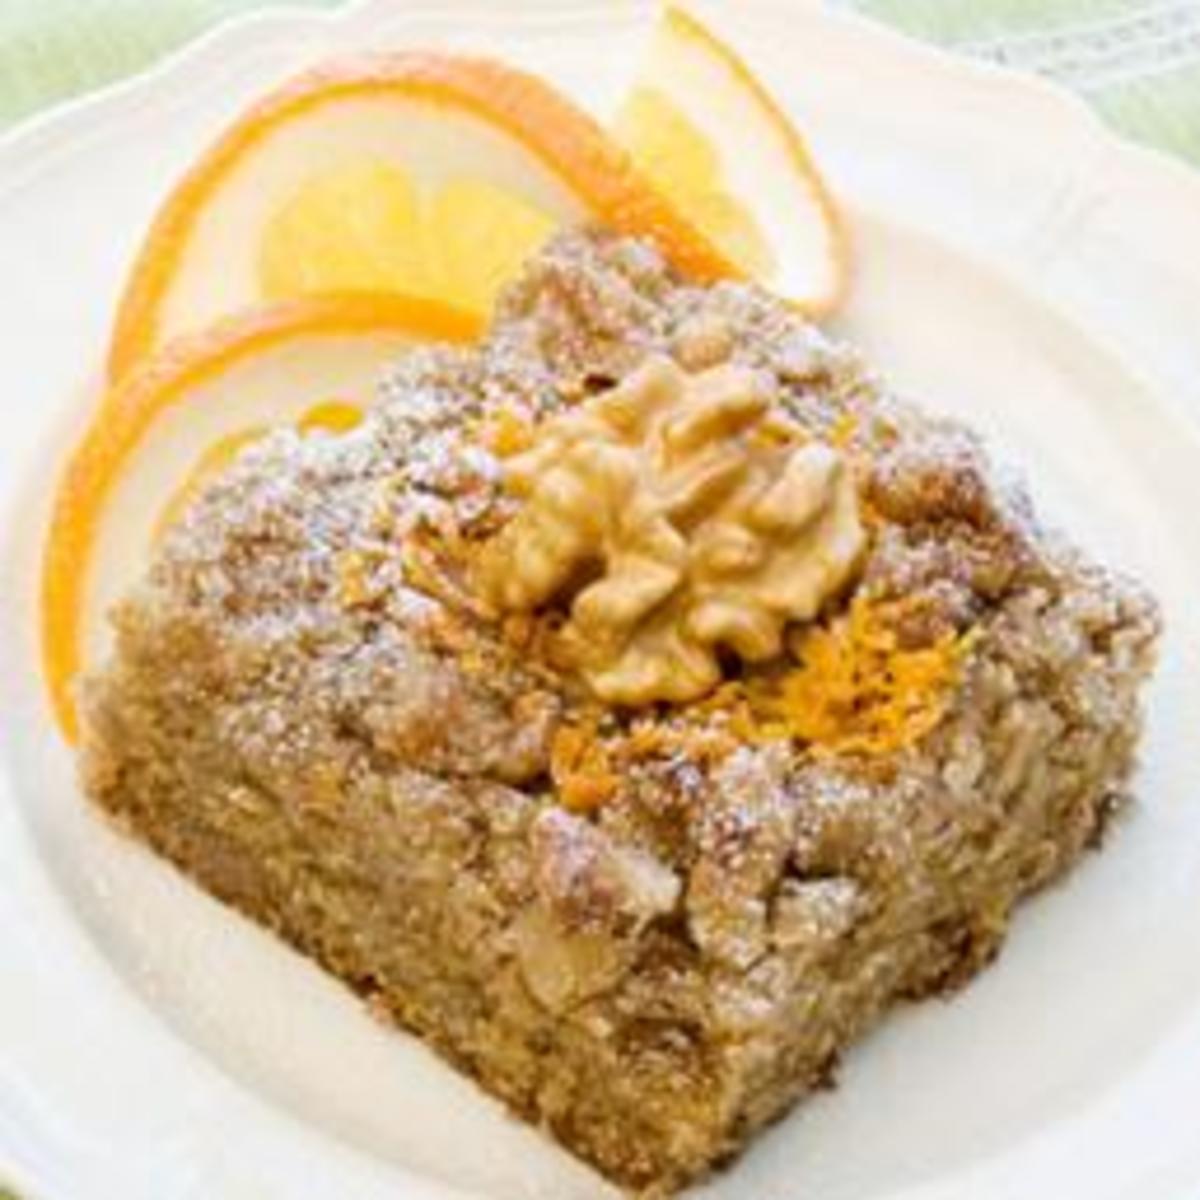 Buttermilk-Walnut Coffee Cake with Orange Essence